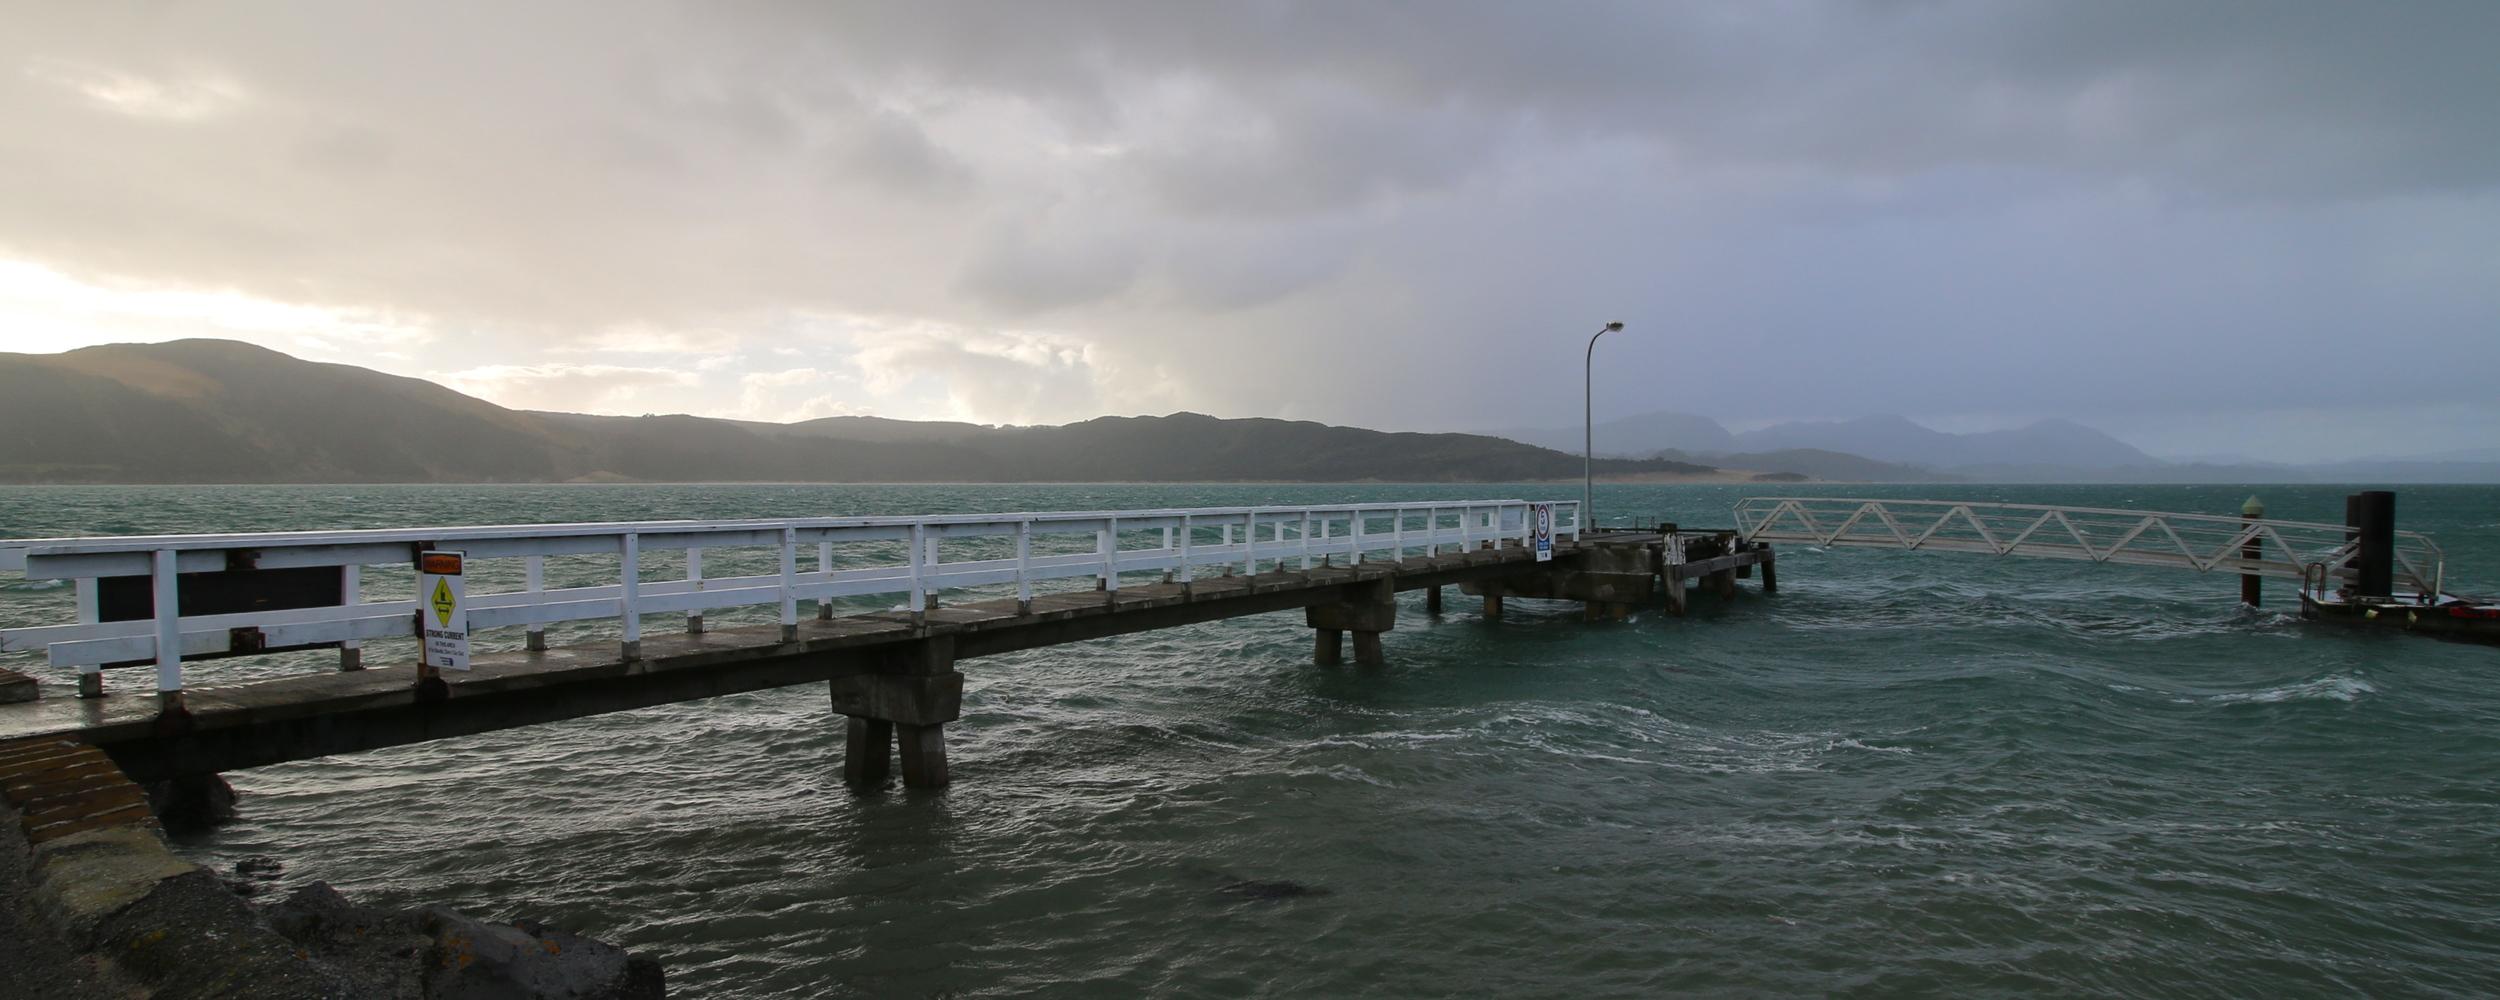 Opononi Pier